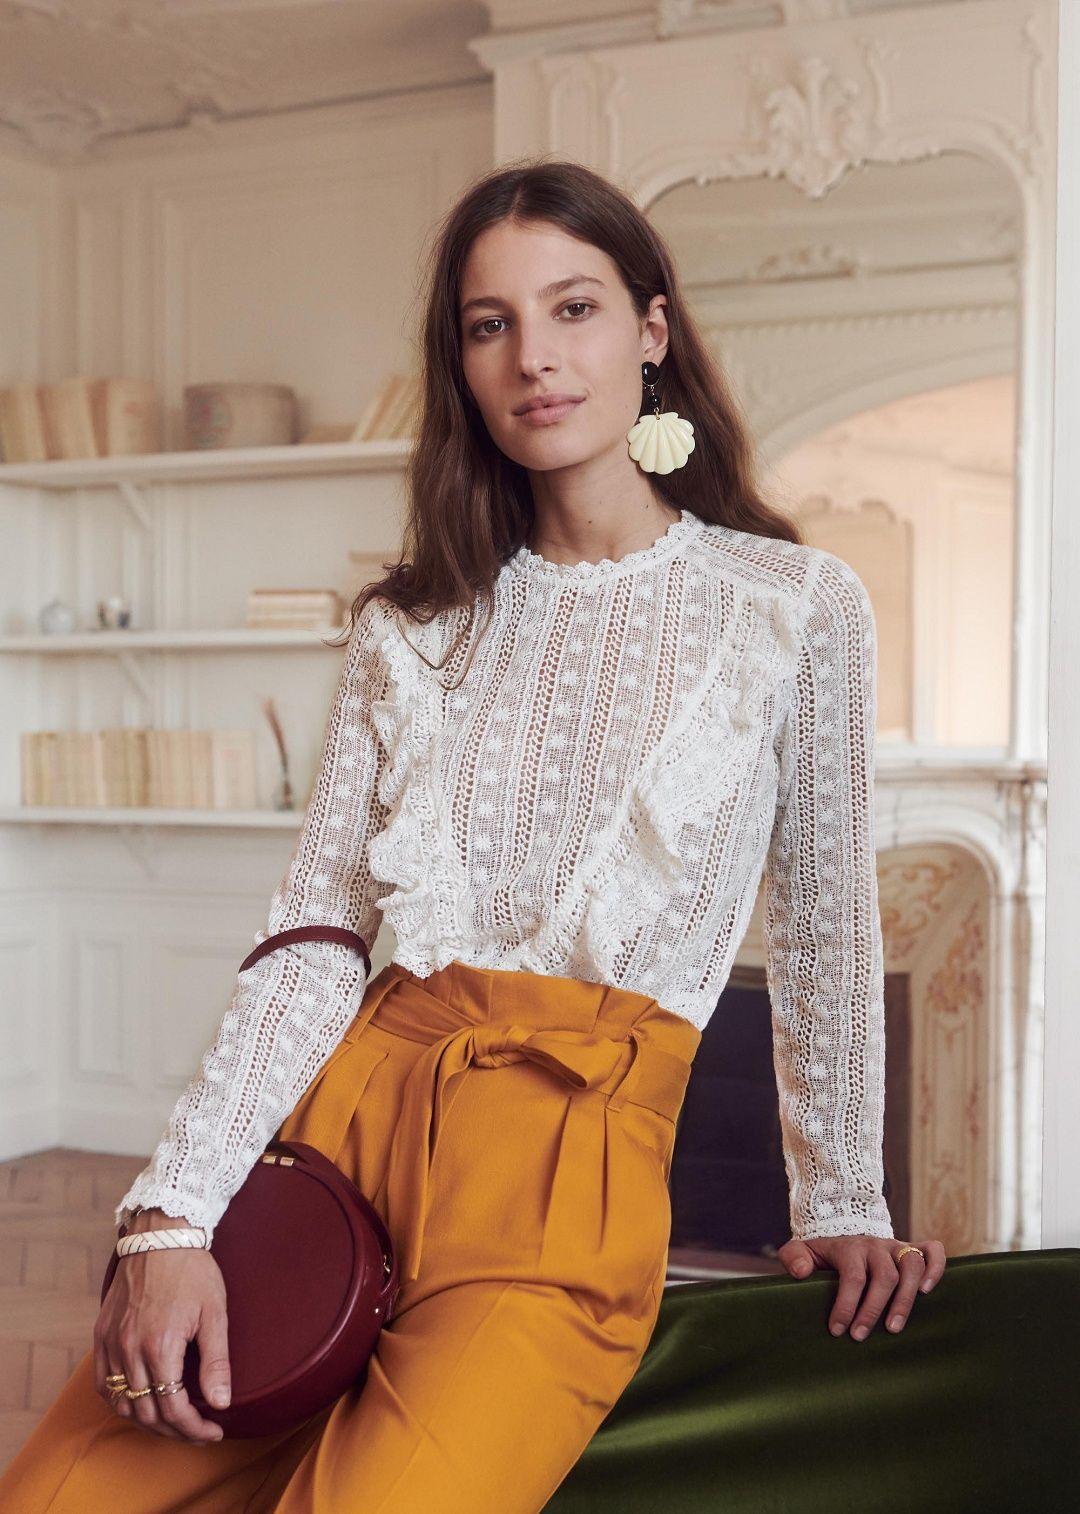 a173a23d94c911 Sézane - Madeleine blouse